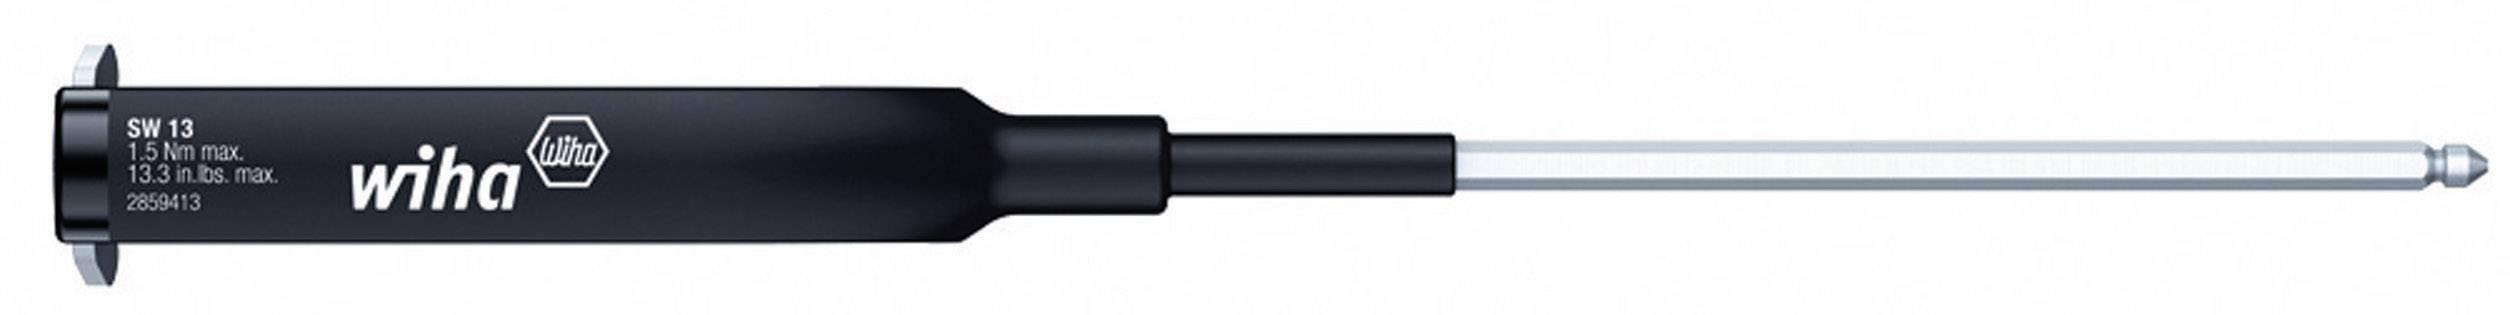 Bit momentového klíče pro kabelové konektory Wiha SW 18